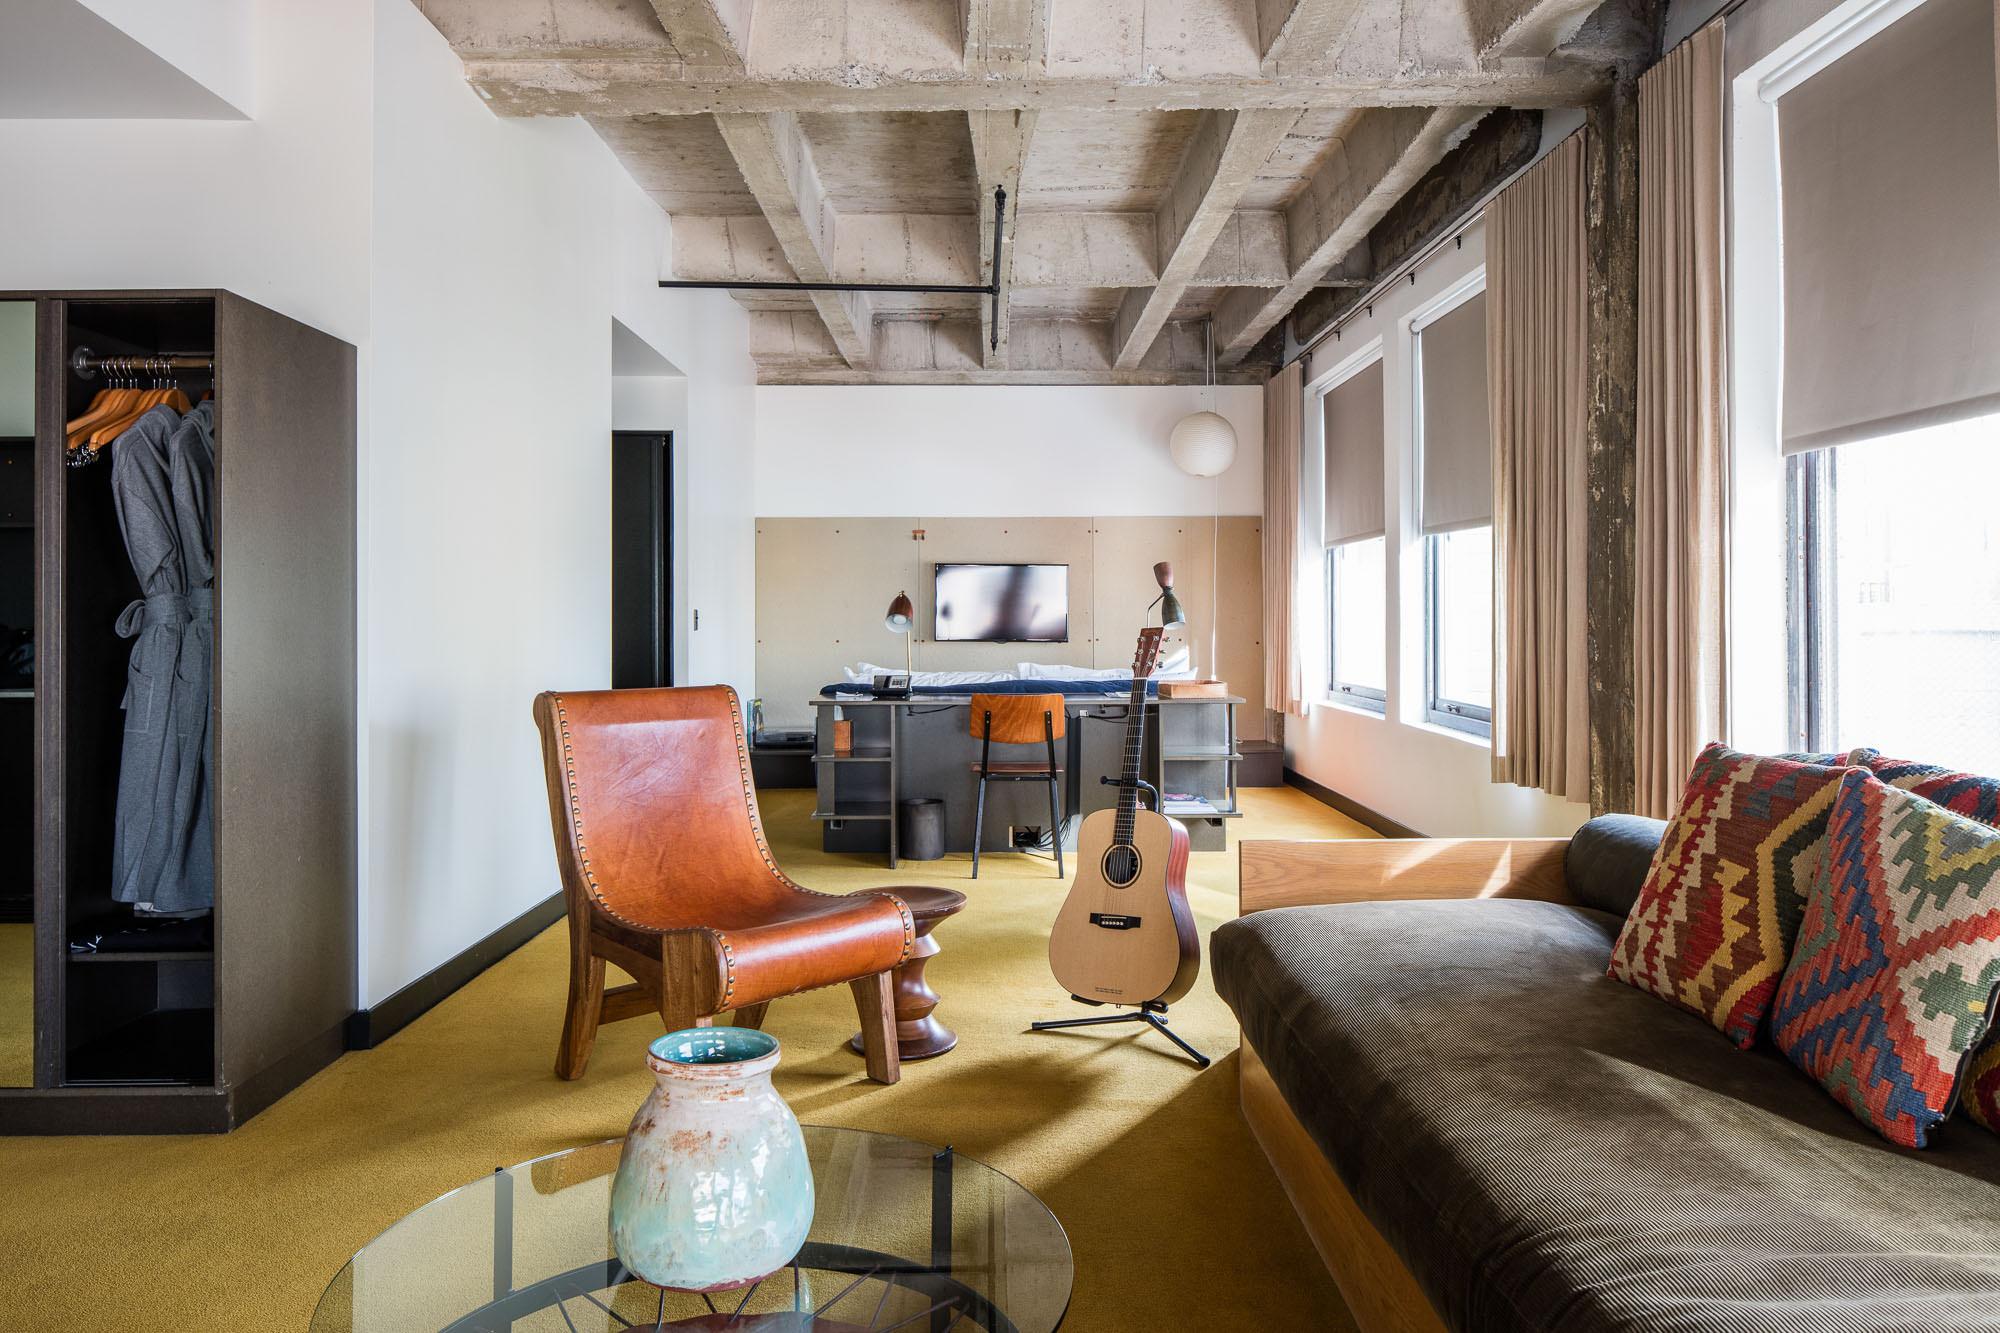 Ace Hotel, Los Angeles, CA - Commune Design